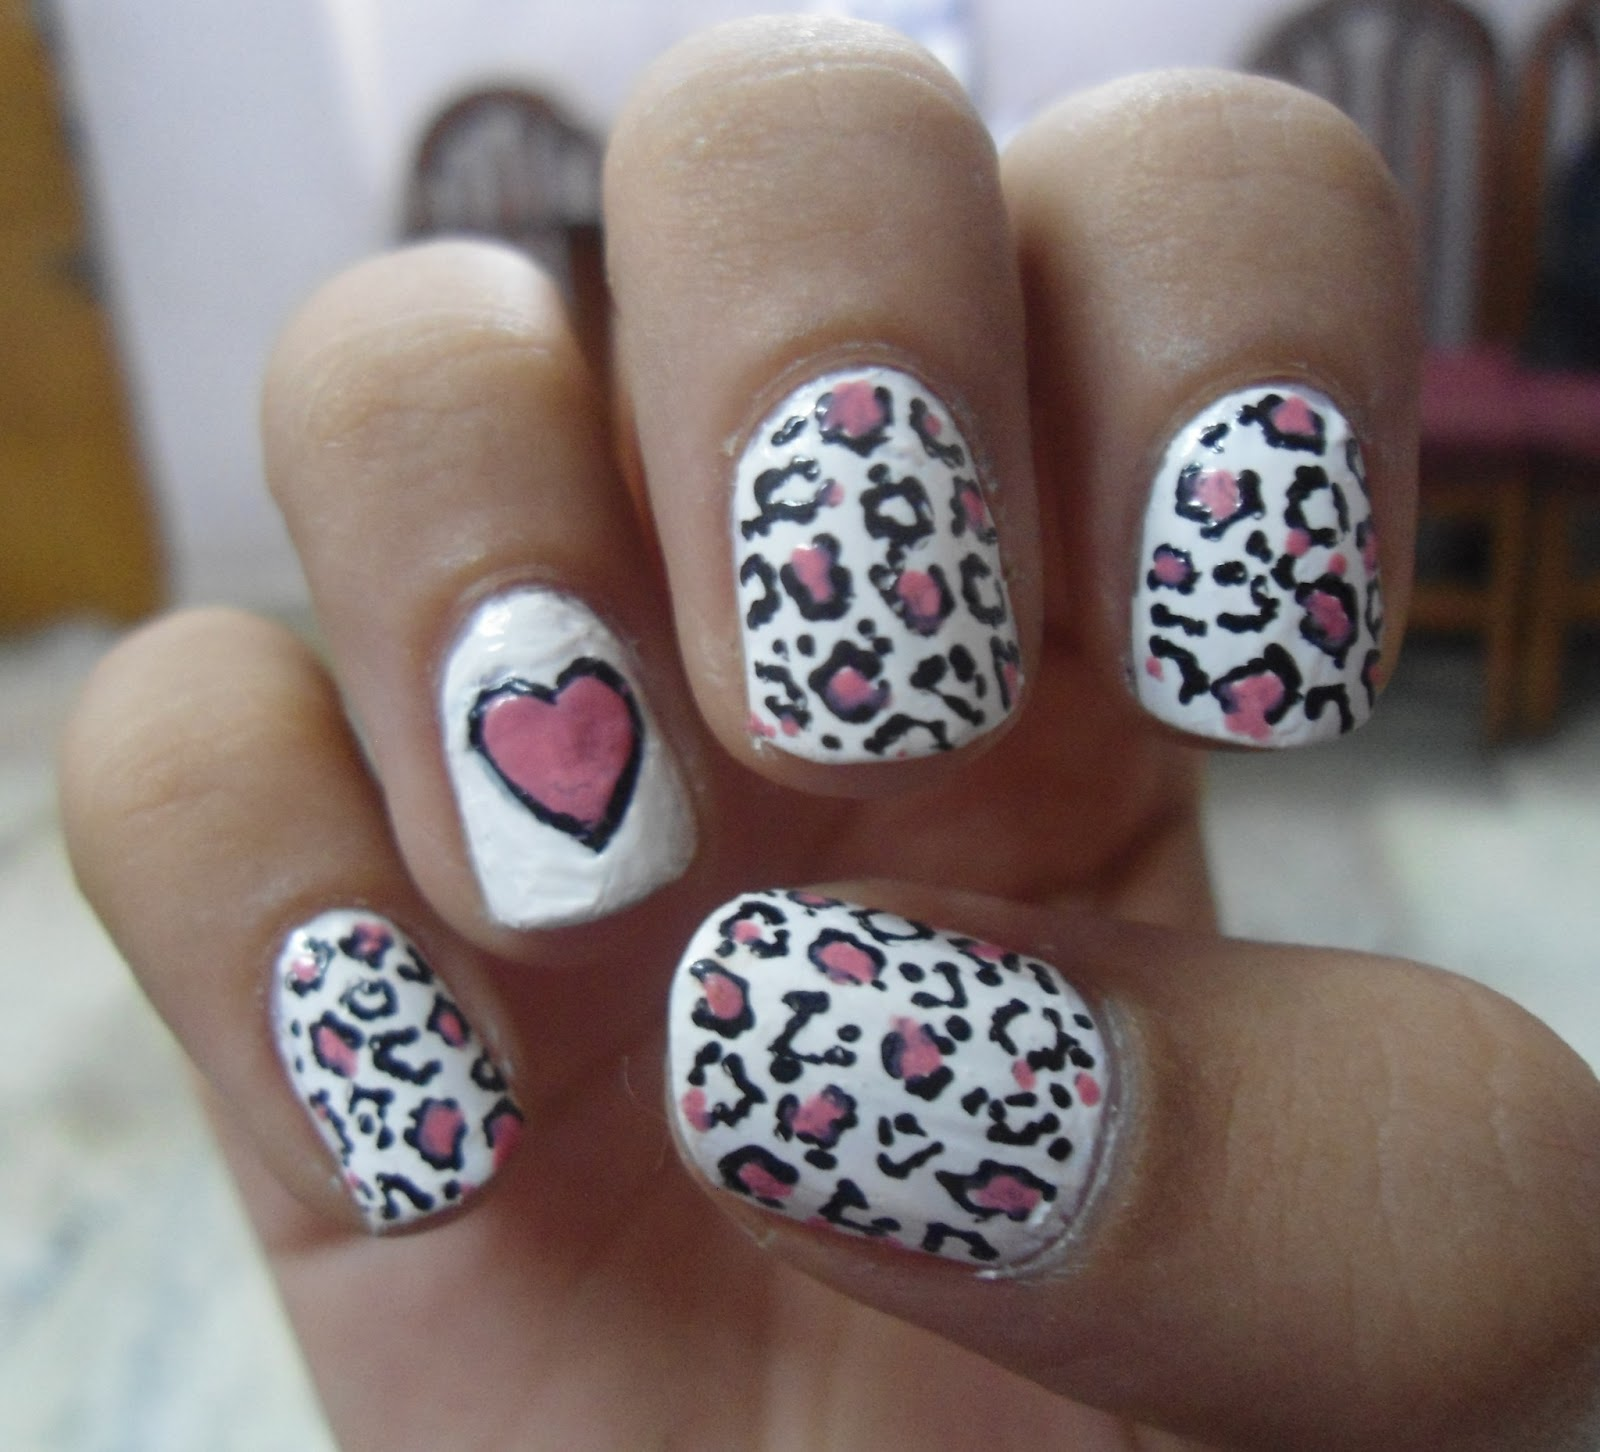 Cute Cheetah Print Nail Design | cute cheetah print nail ...